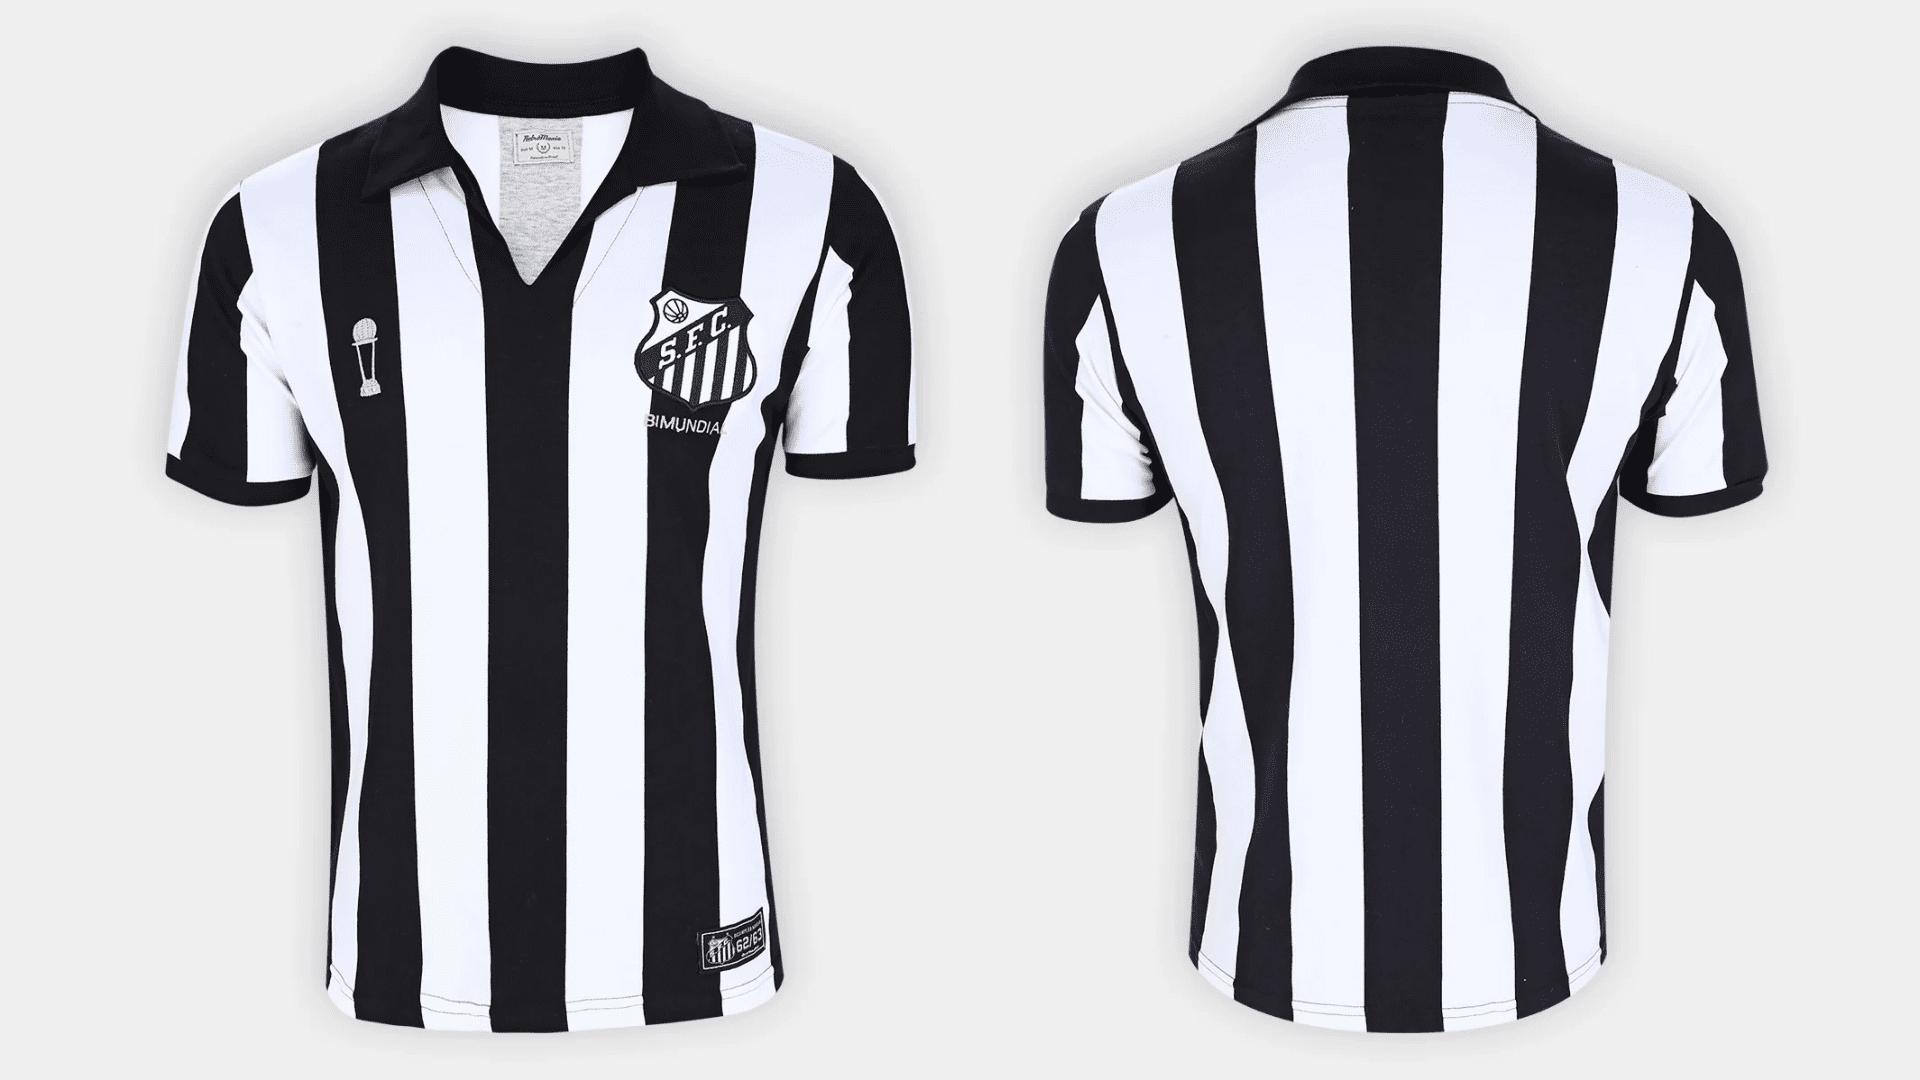 Camisa do Santos Retrô 1963 (Imagem: Divulgação/RetrôMania)